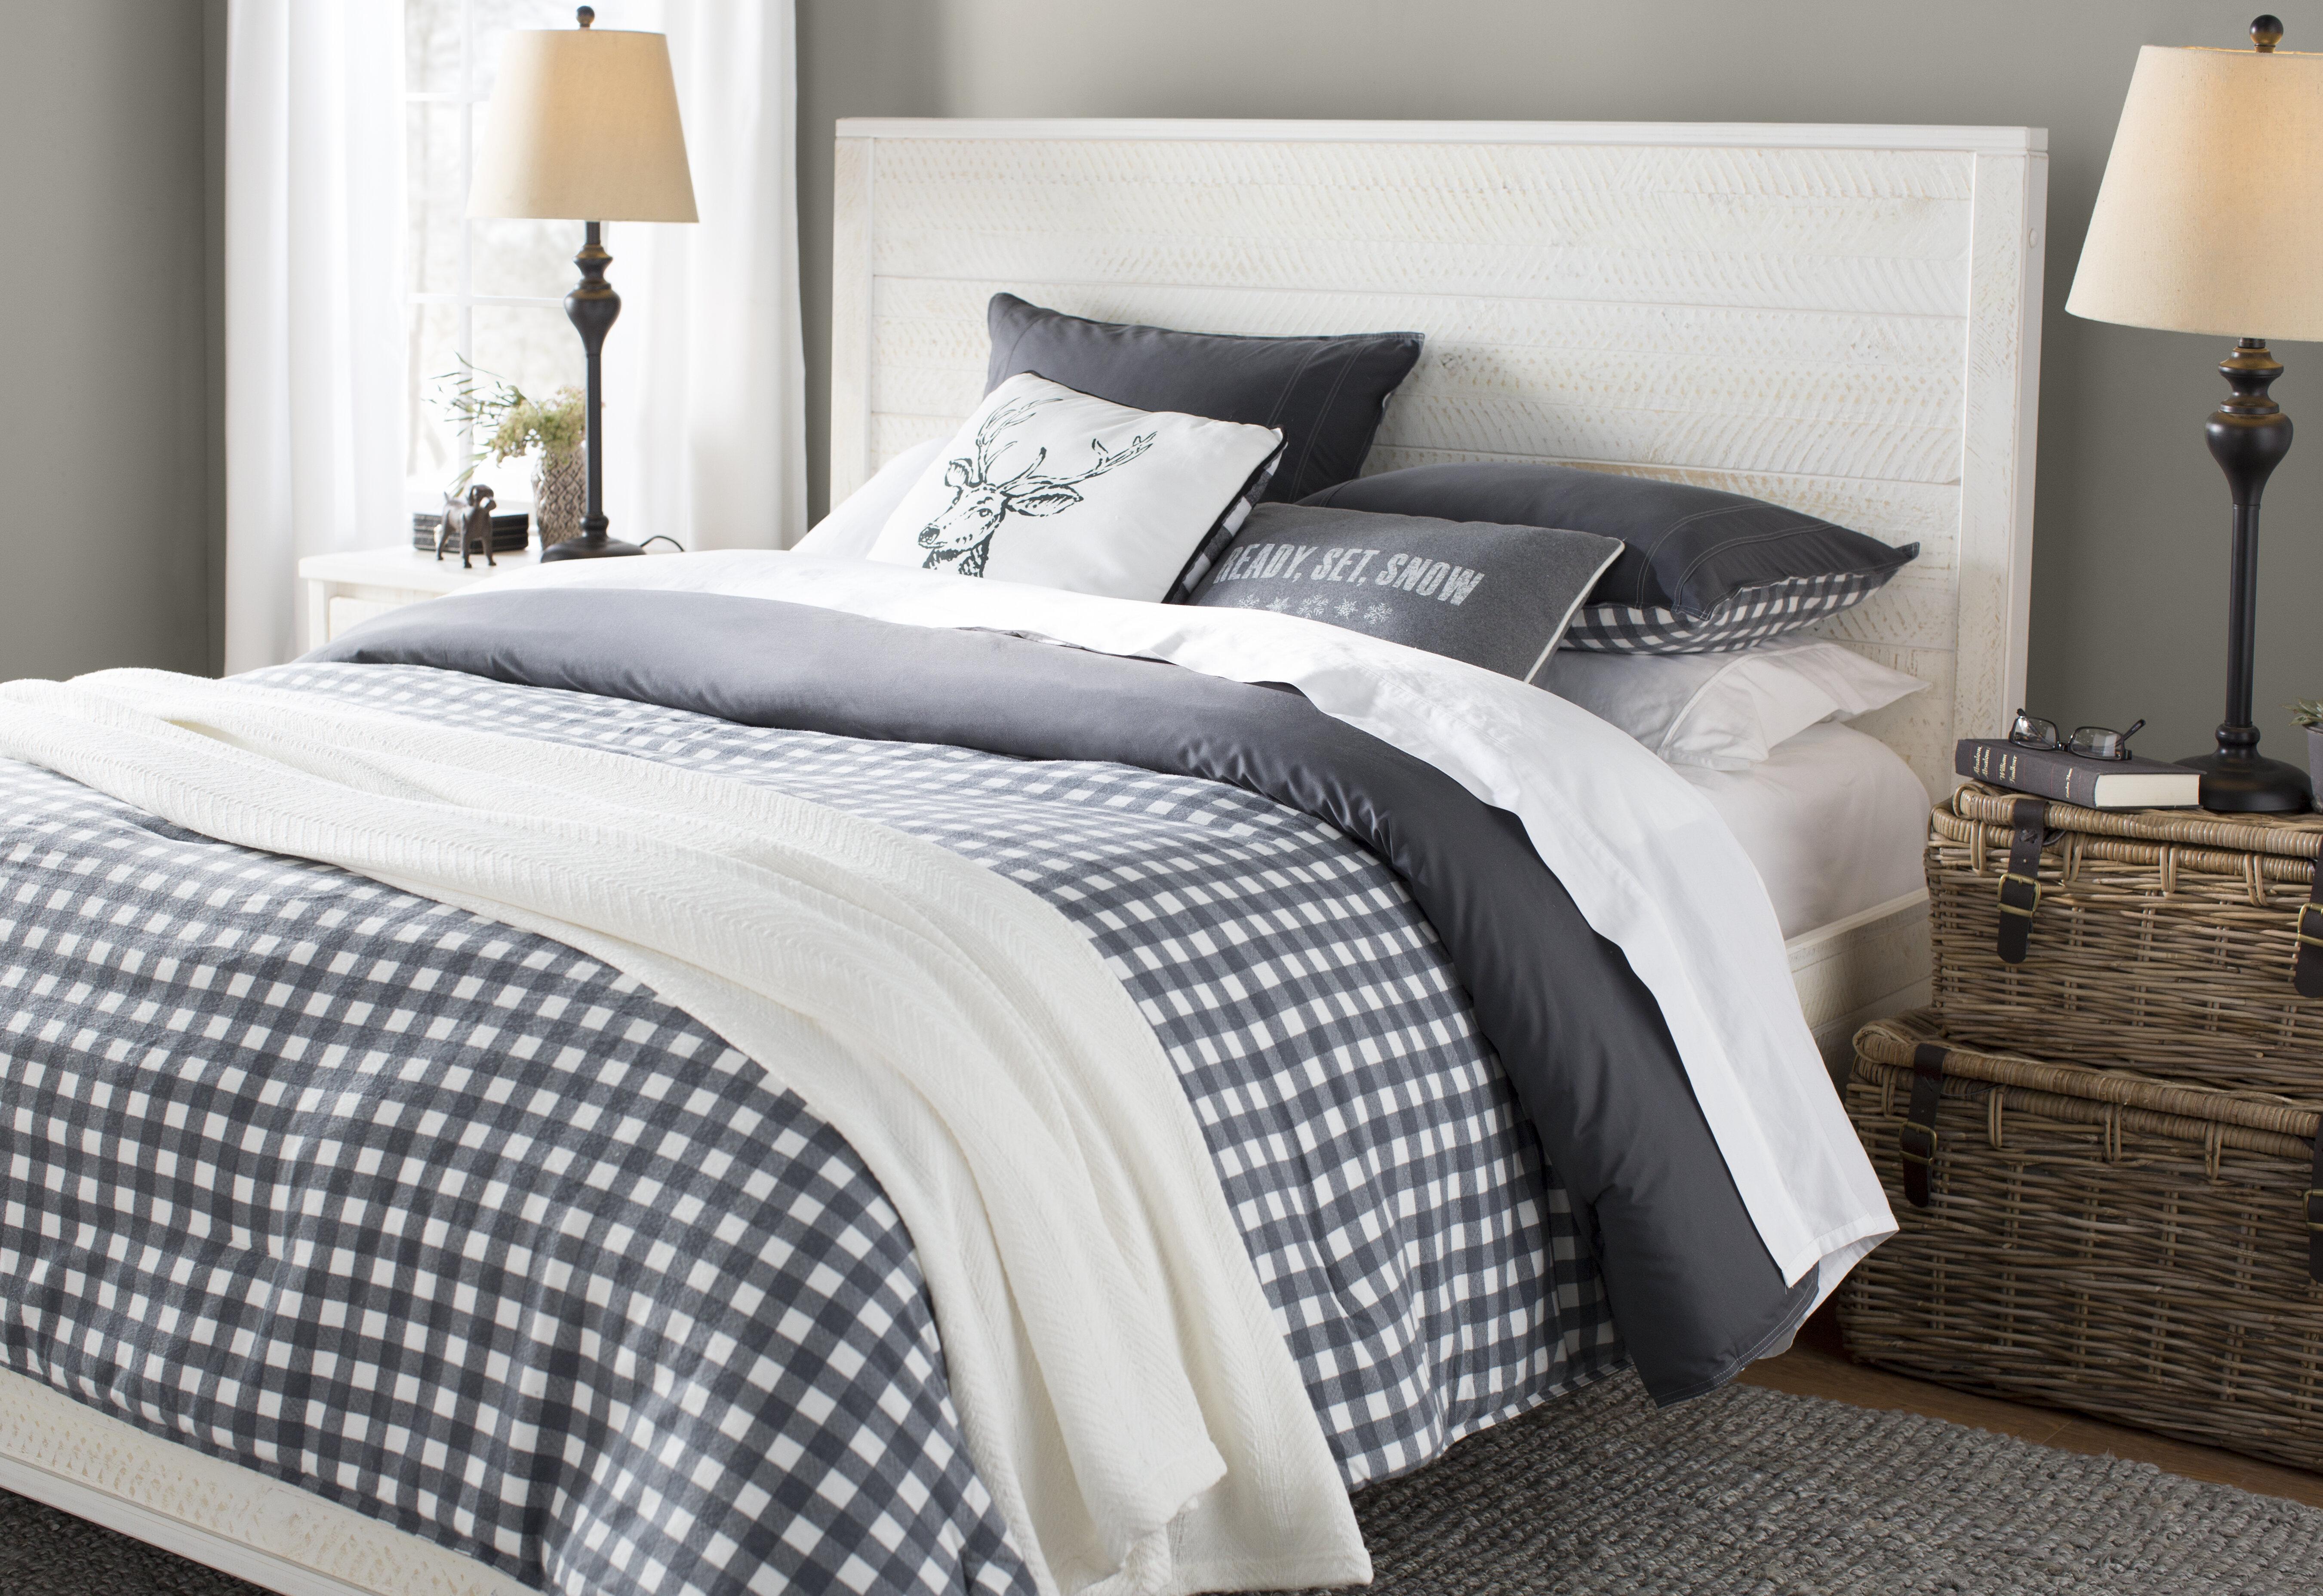 Greyleigh Bedias Solid Wood Platform Bed Reviews Wayfair